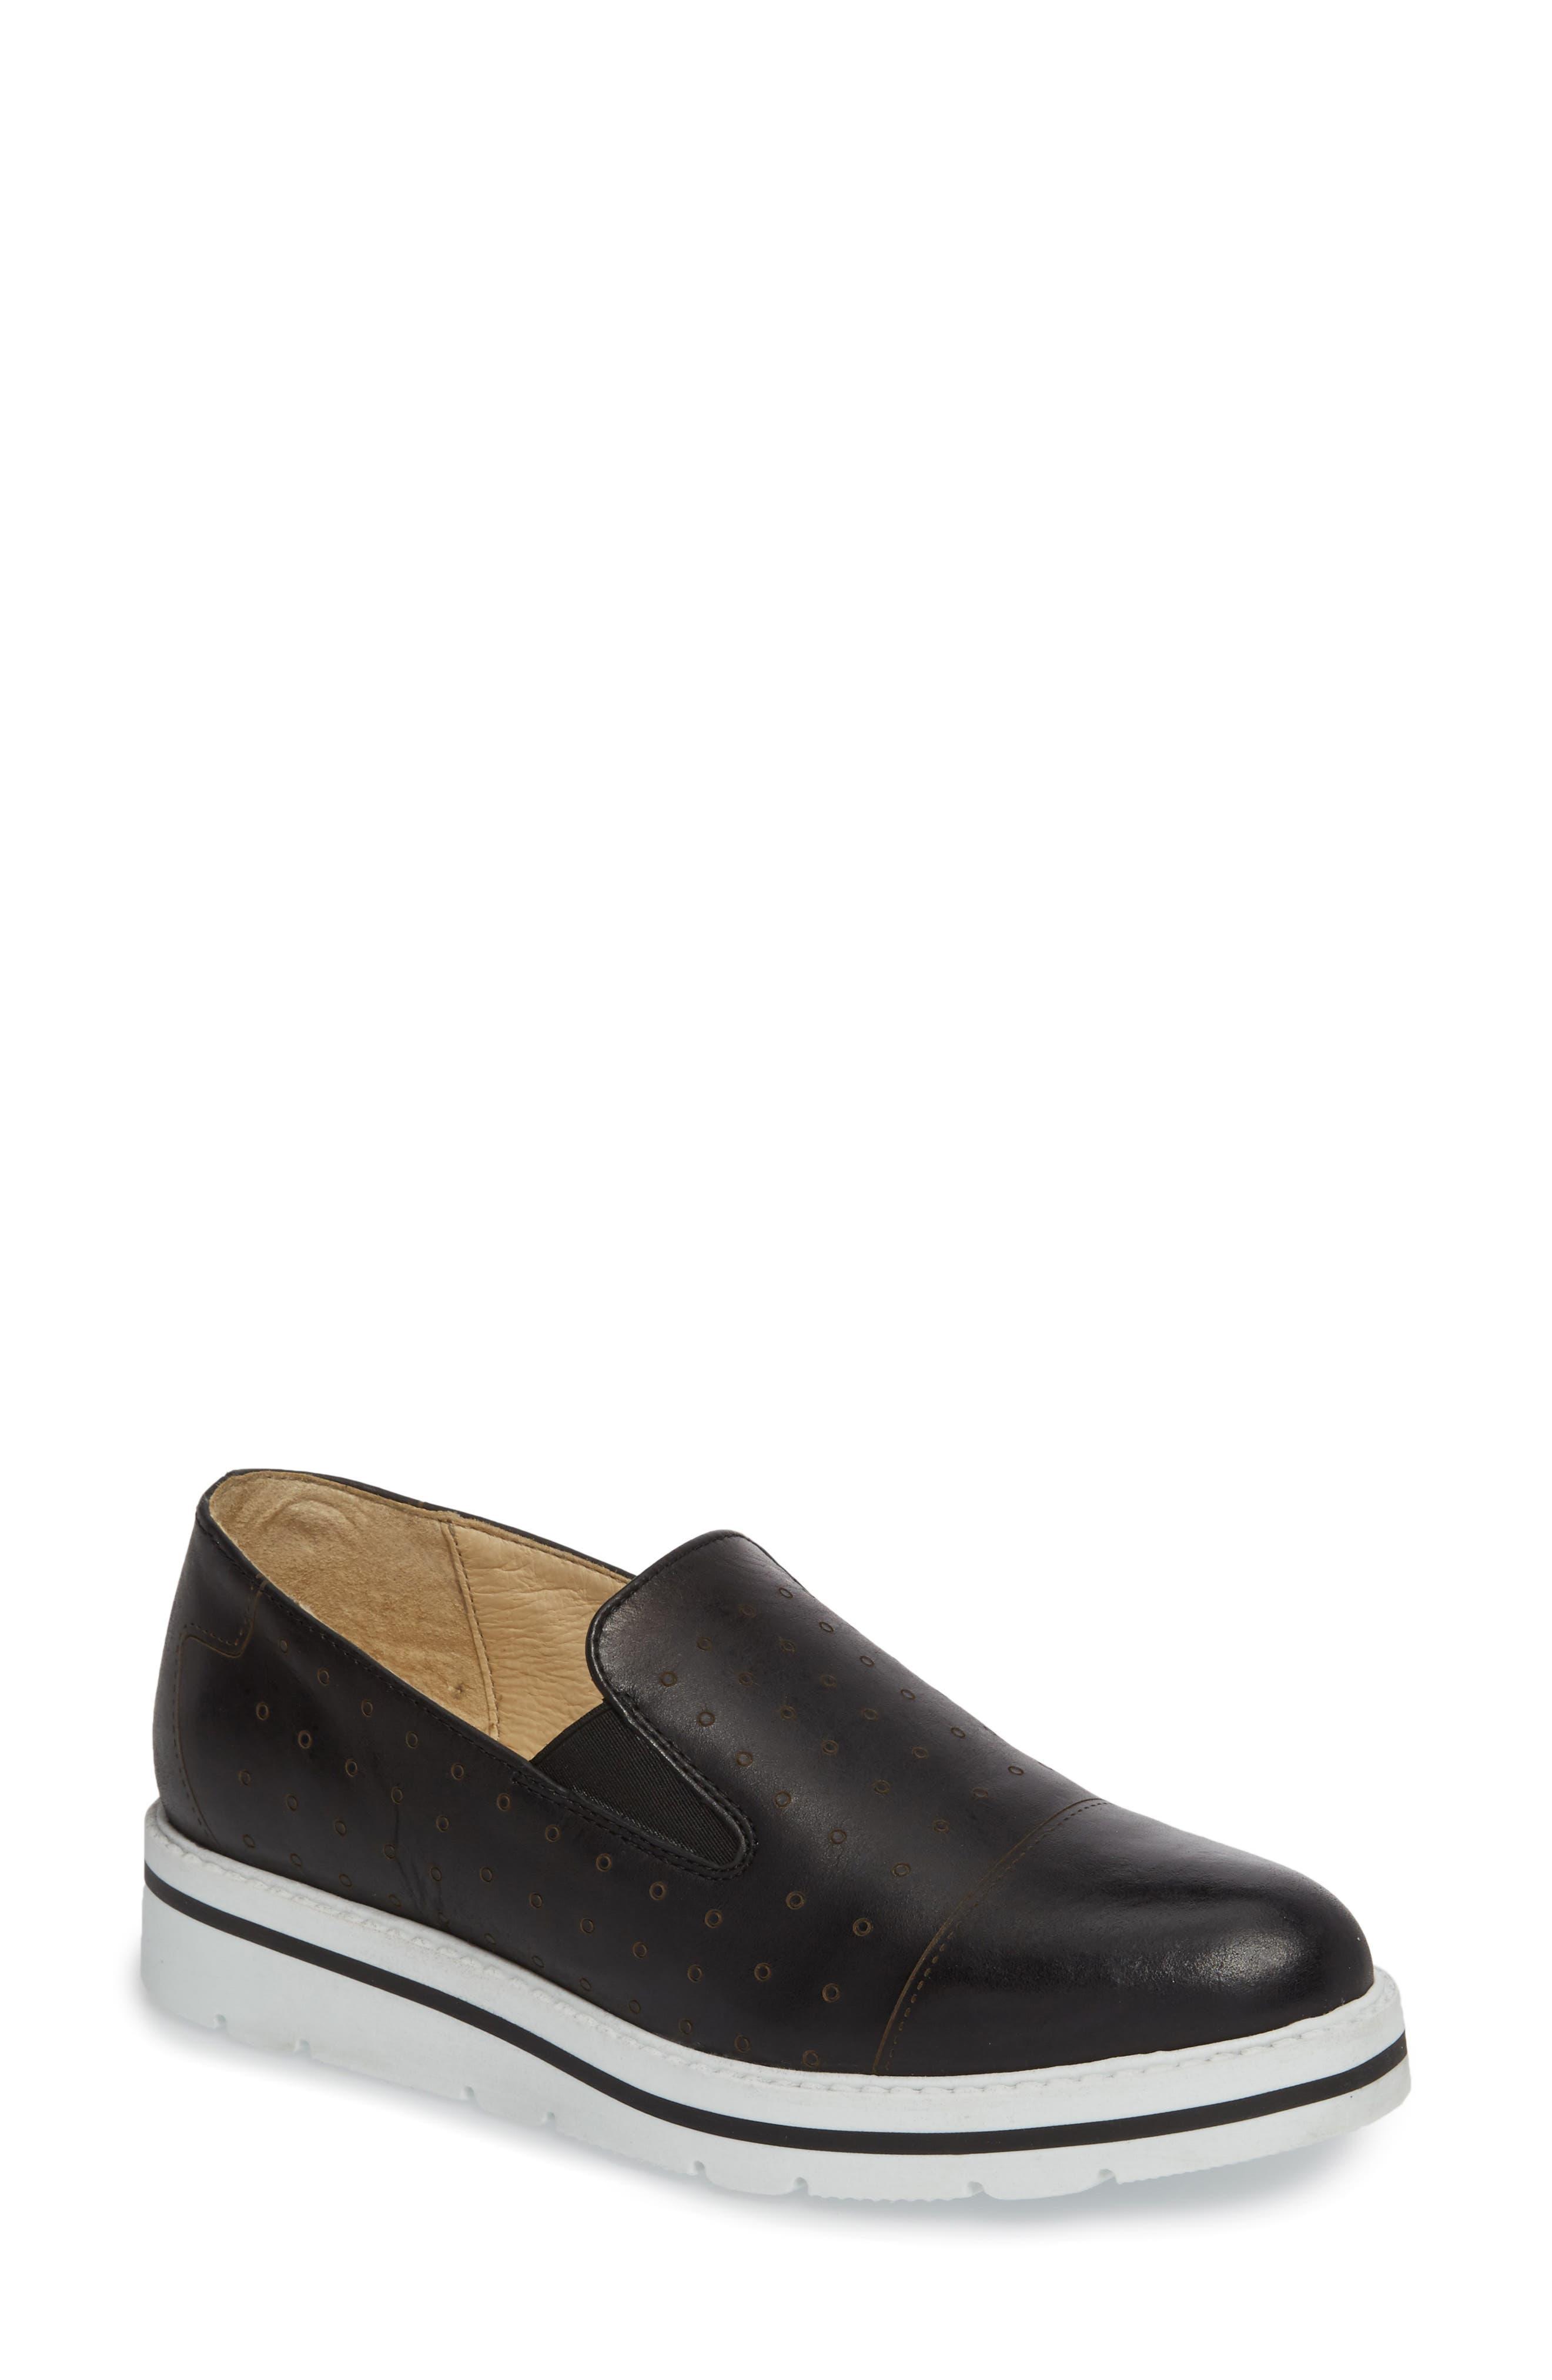 Bos. & Co. Leigh Slip-On Sneaker - Black